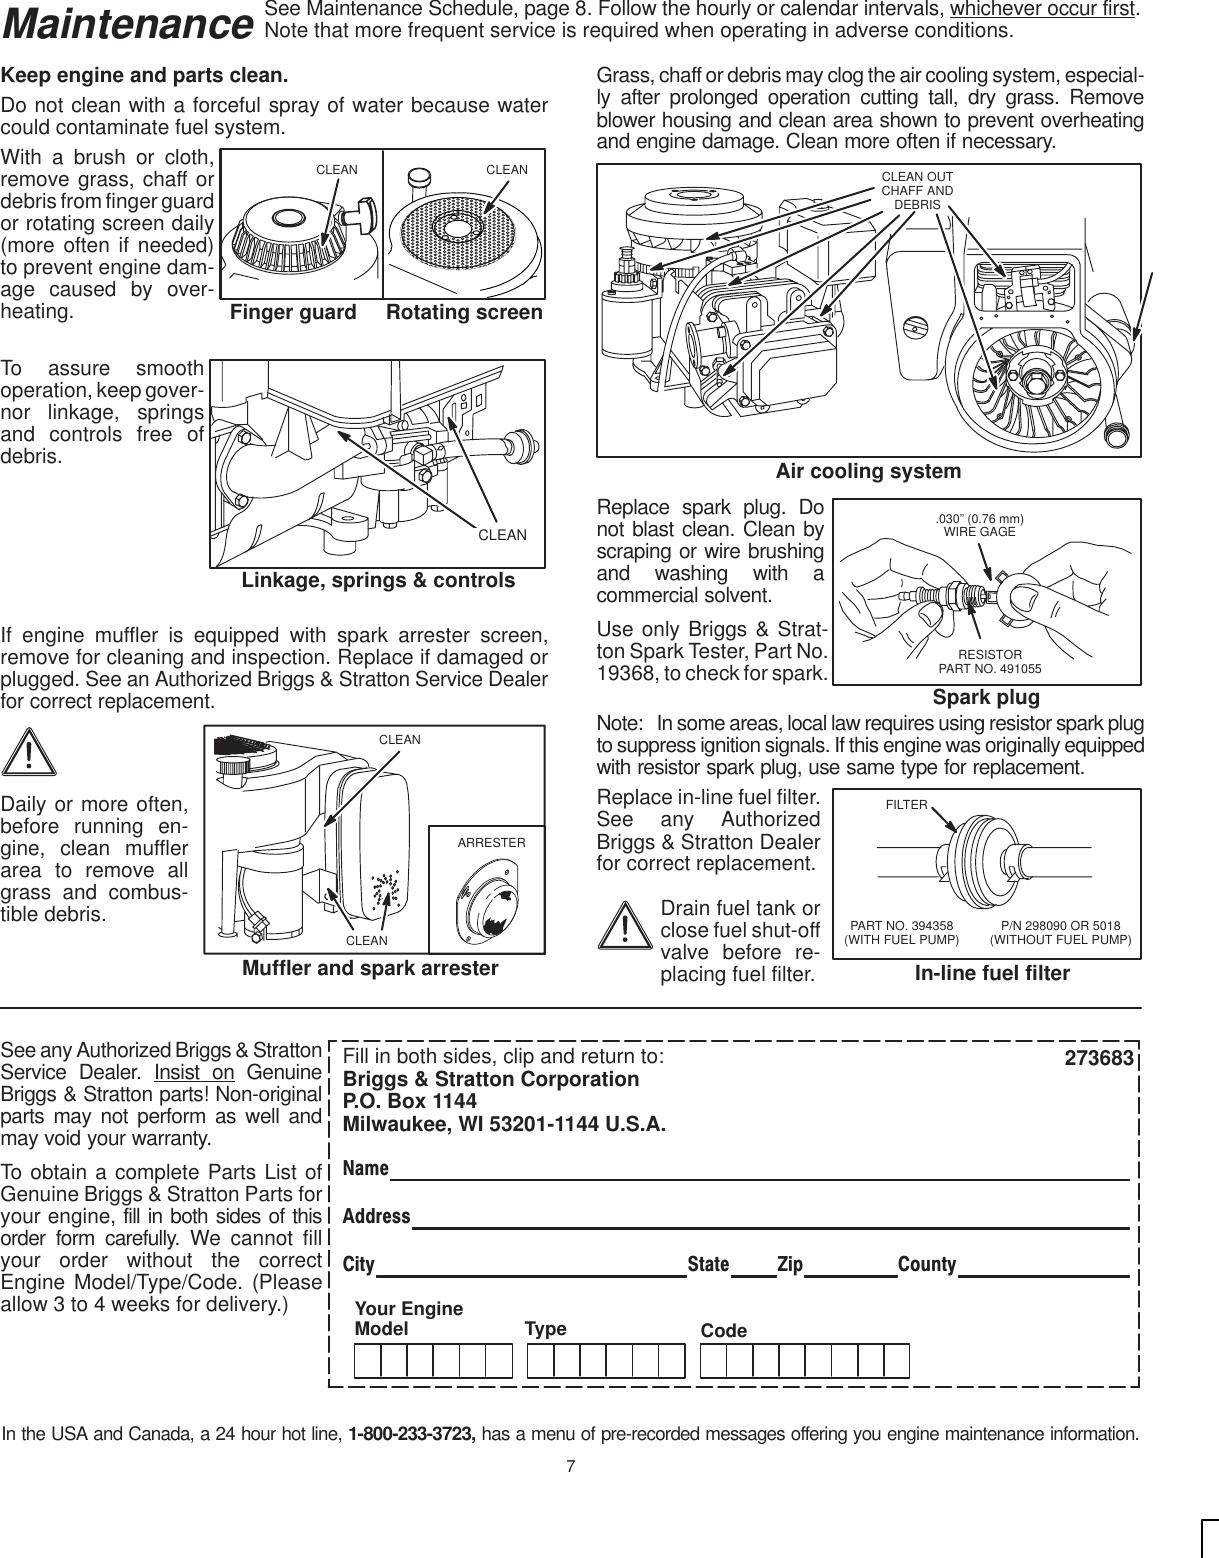 Briggs And Stratton 31e877 Manual Guide